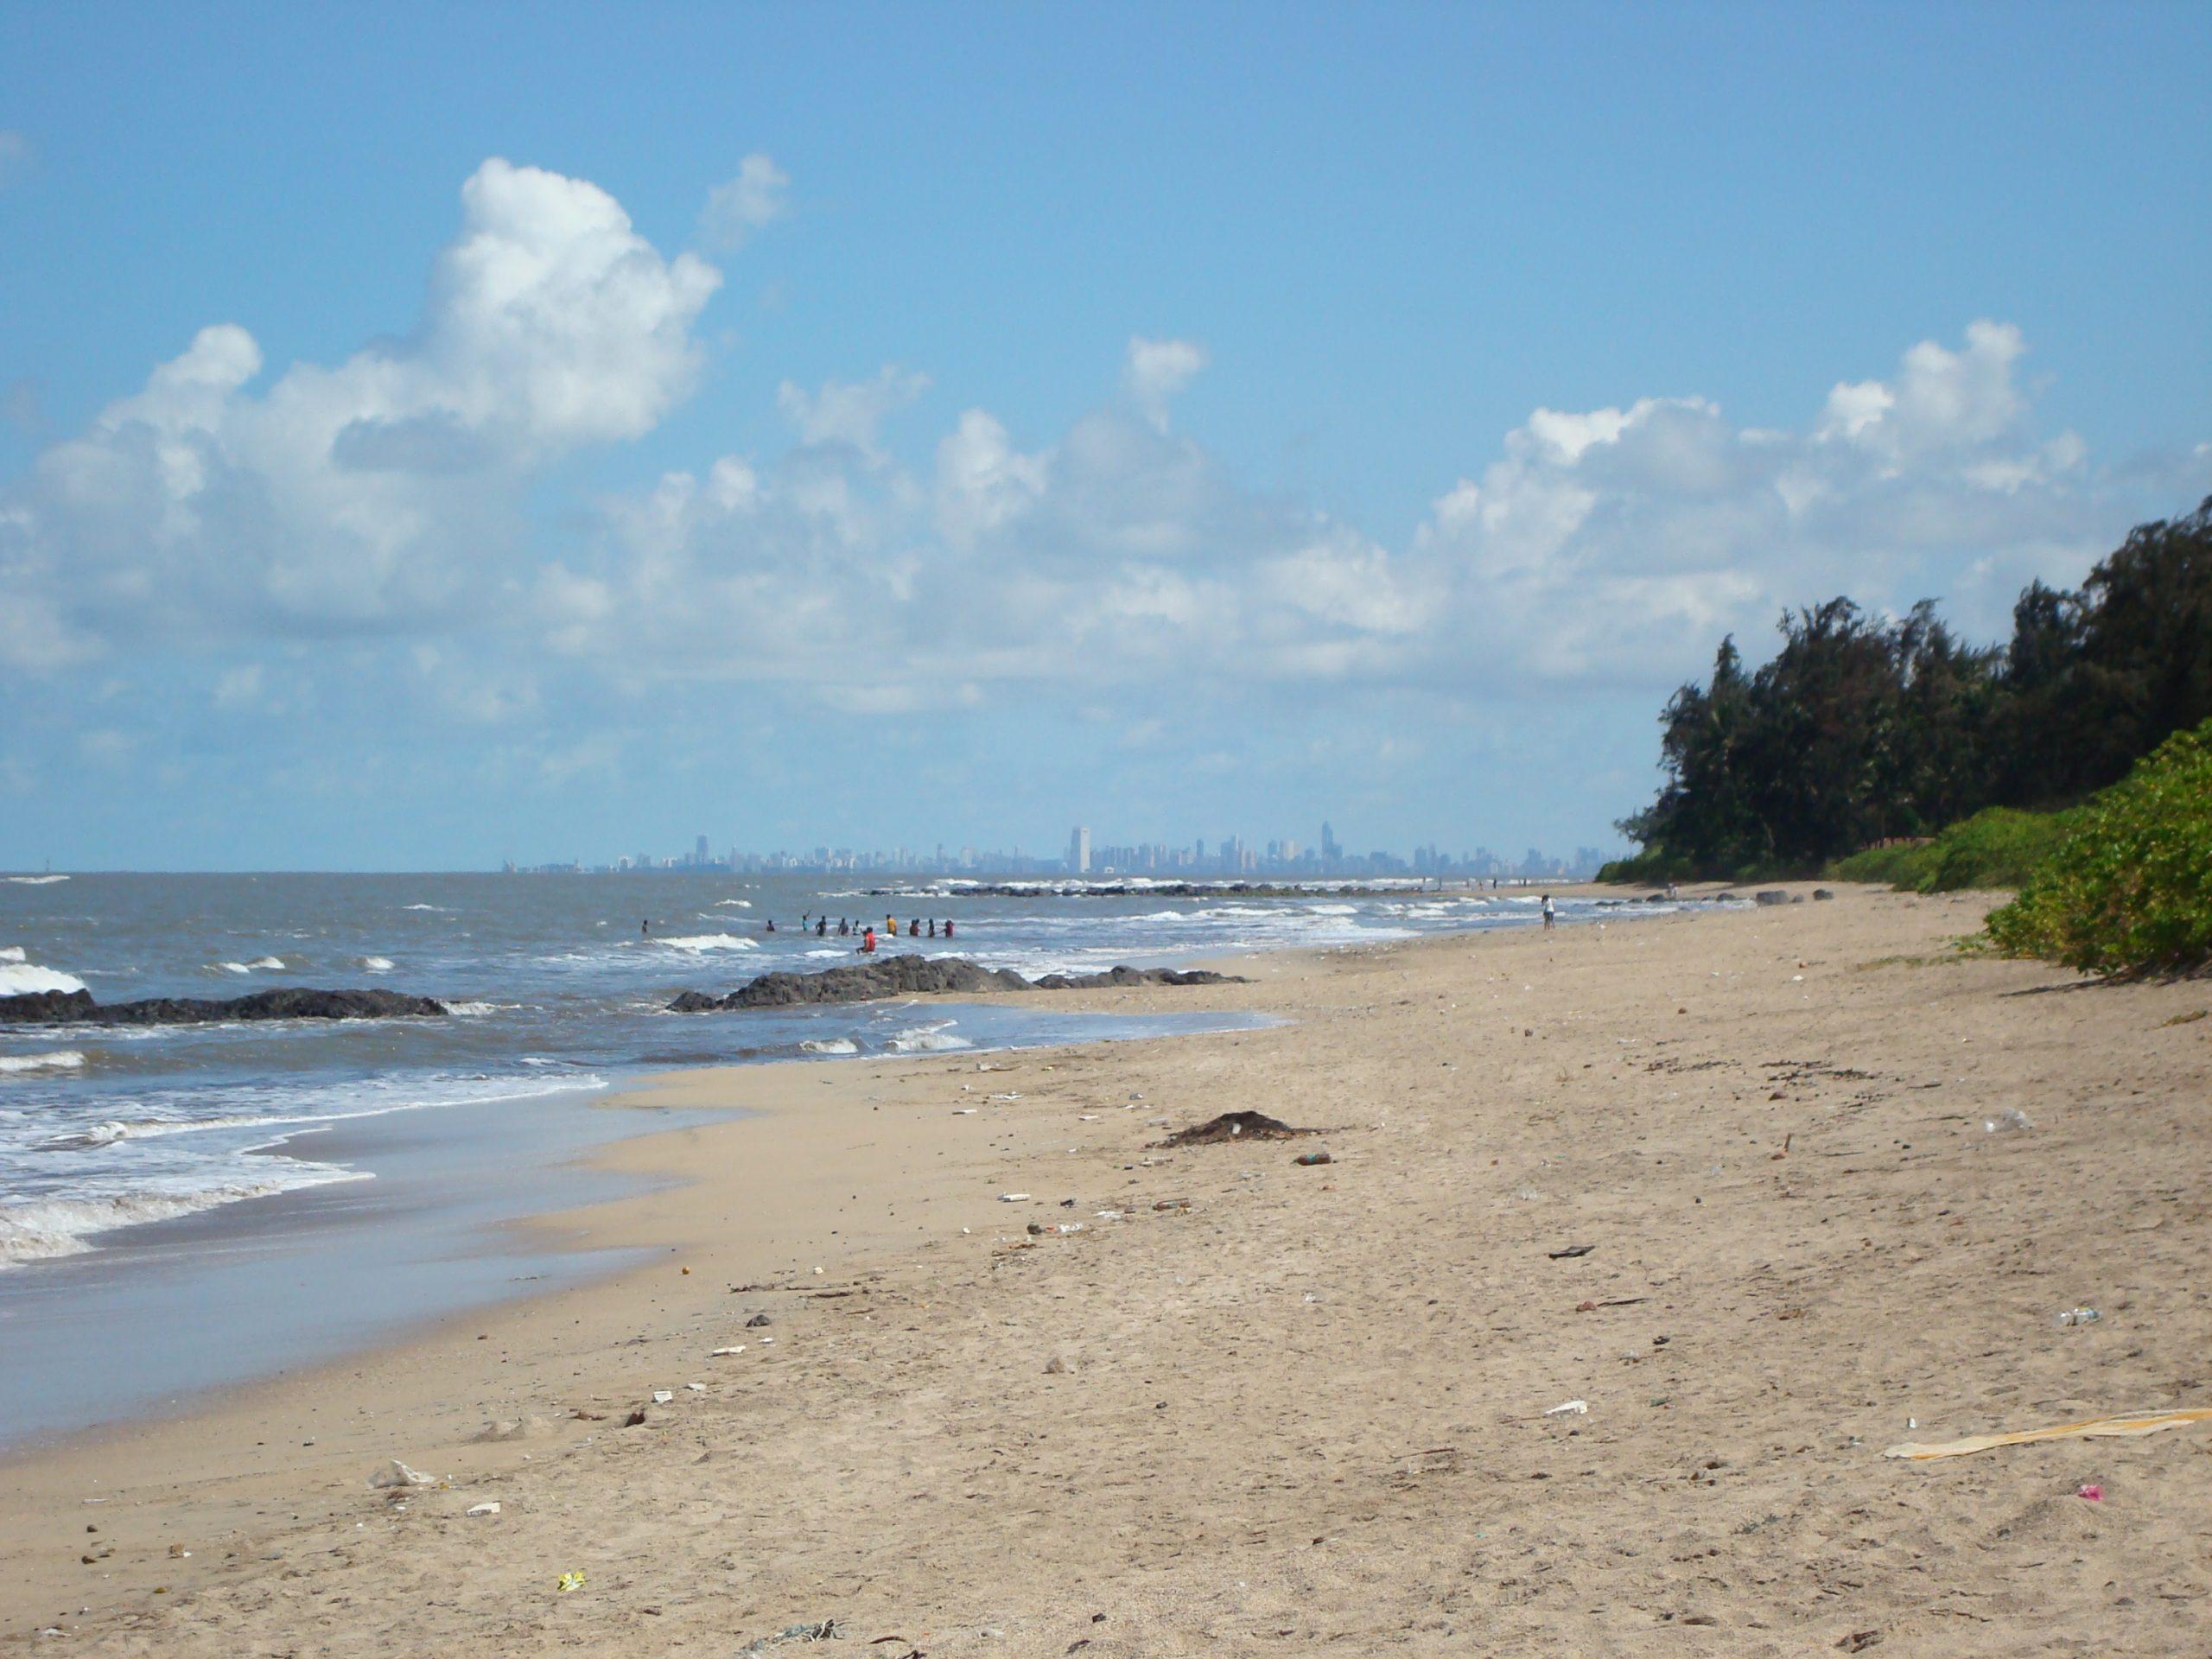 Kihim Beach Don't Miss This Best Beache Near Mumbai (Within 350 Kms)